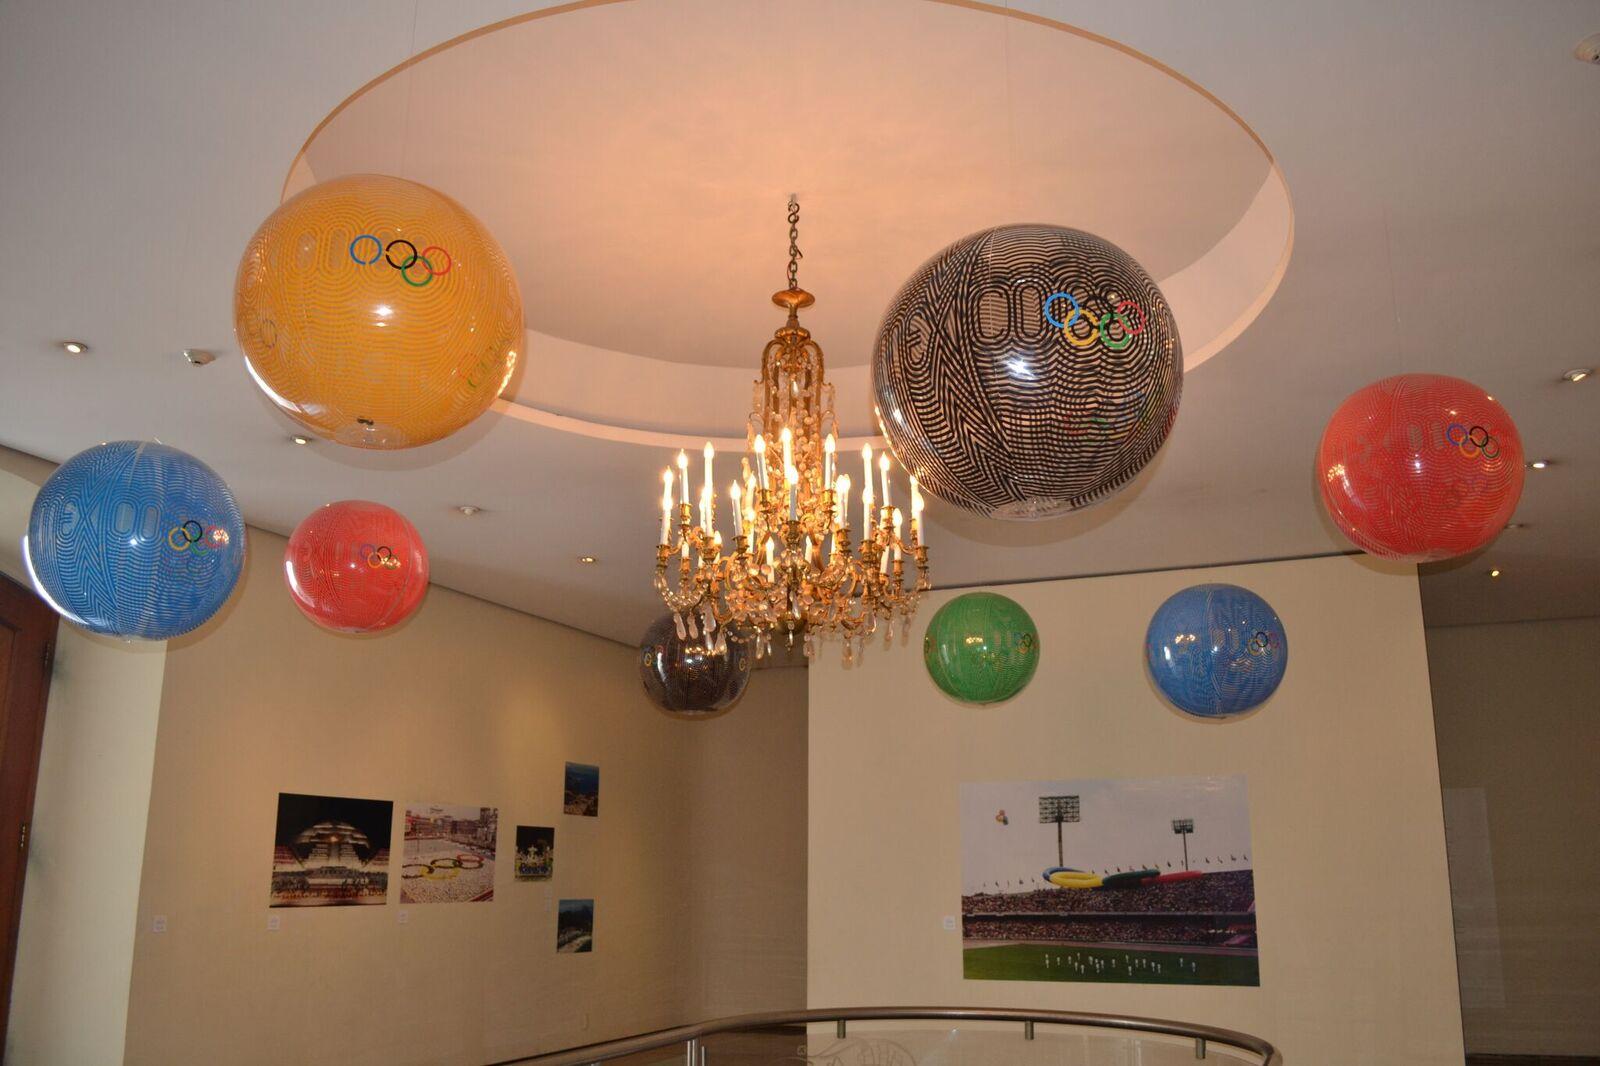 Globos con el diseño de los Juegos Olímpicos de México 68 en la Casa de México en Río de Janeiro.